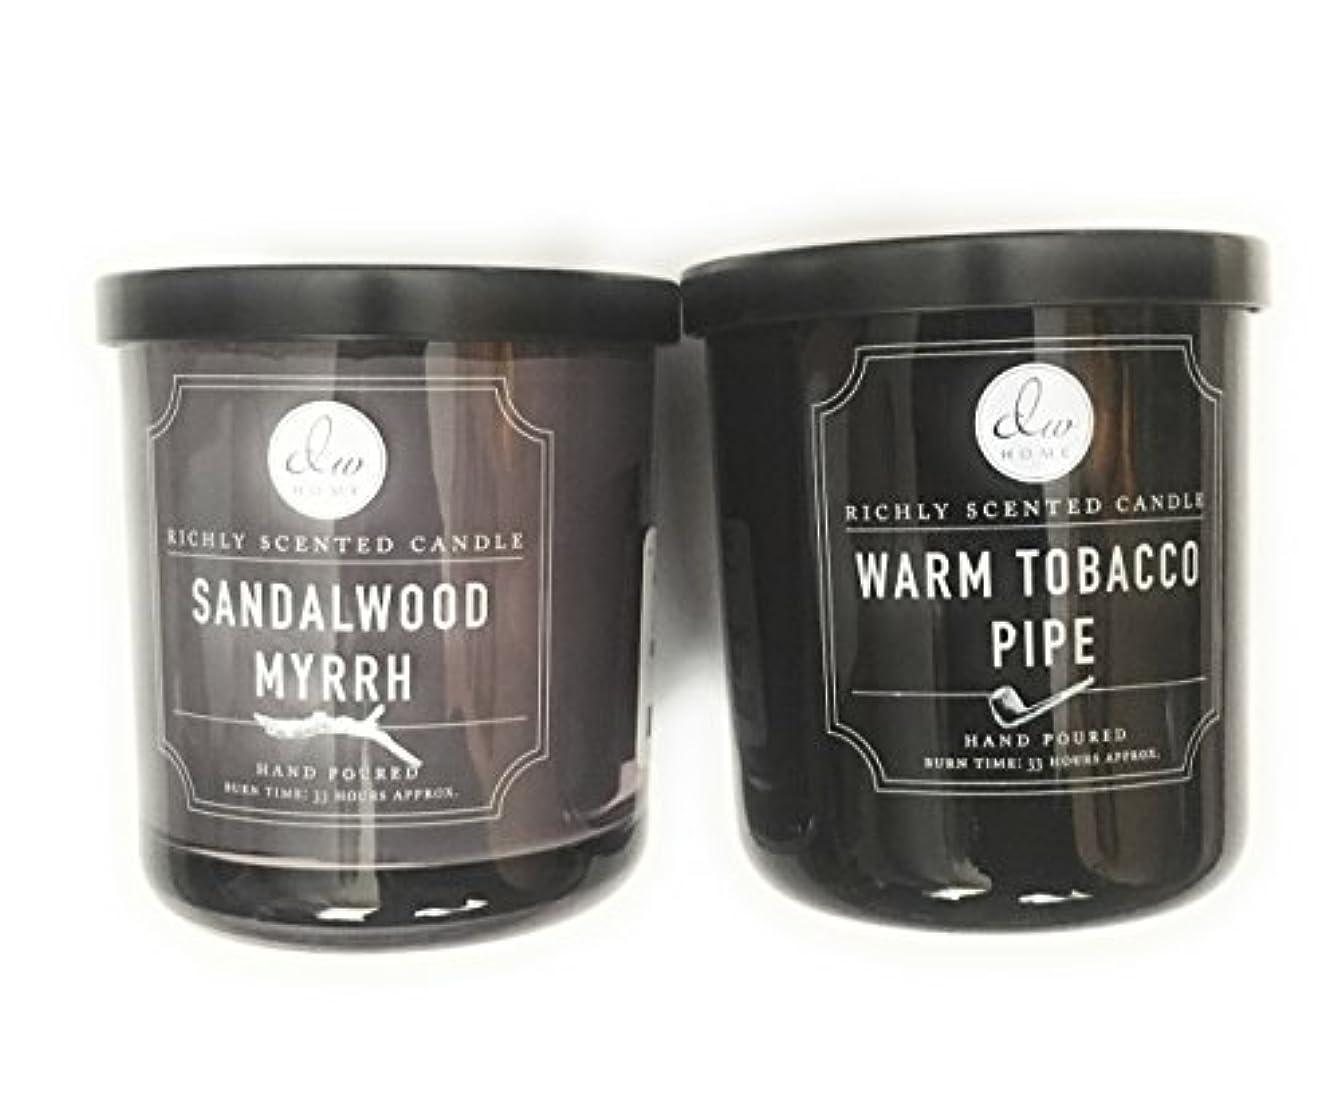 突進労苦はぁDW Home Candle Bundle with a Warm Tobacco Pipe (290ml) Candle and a Sandalwood and Myrrh (290ml) Candle (2 items)